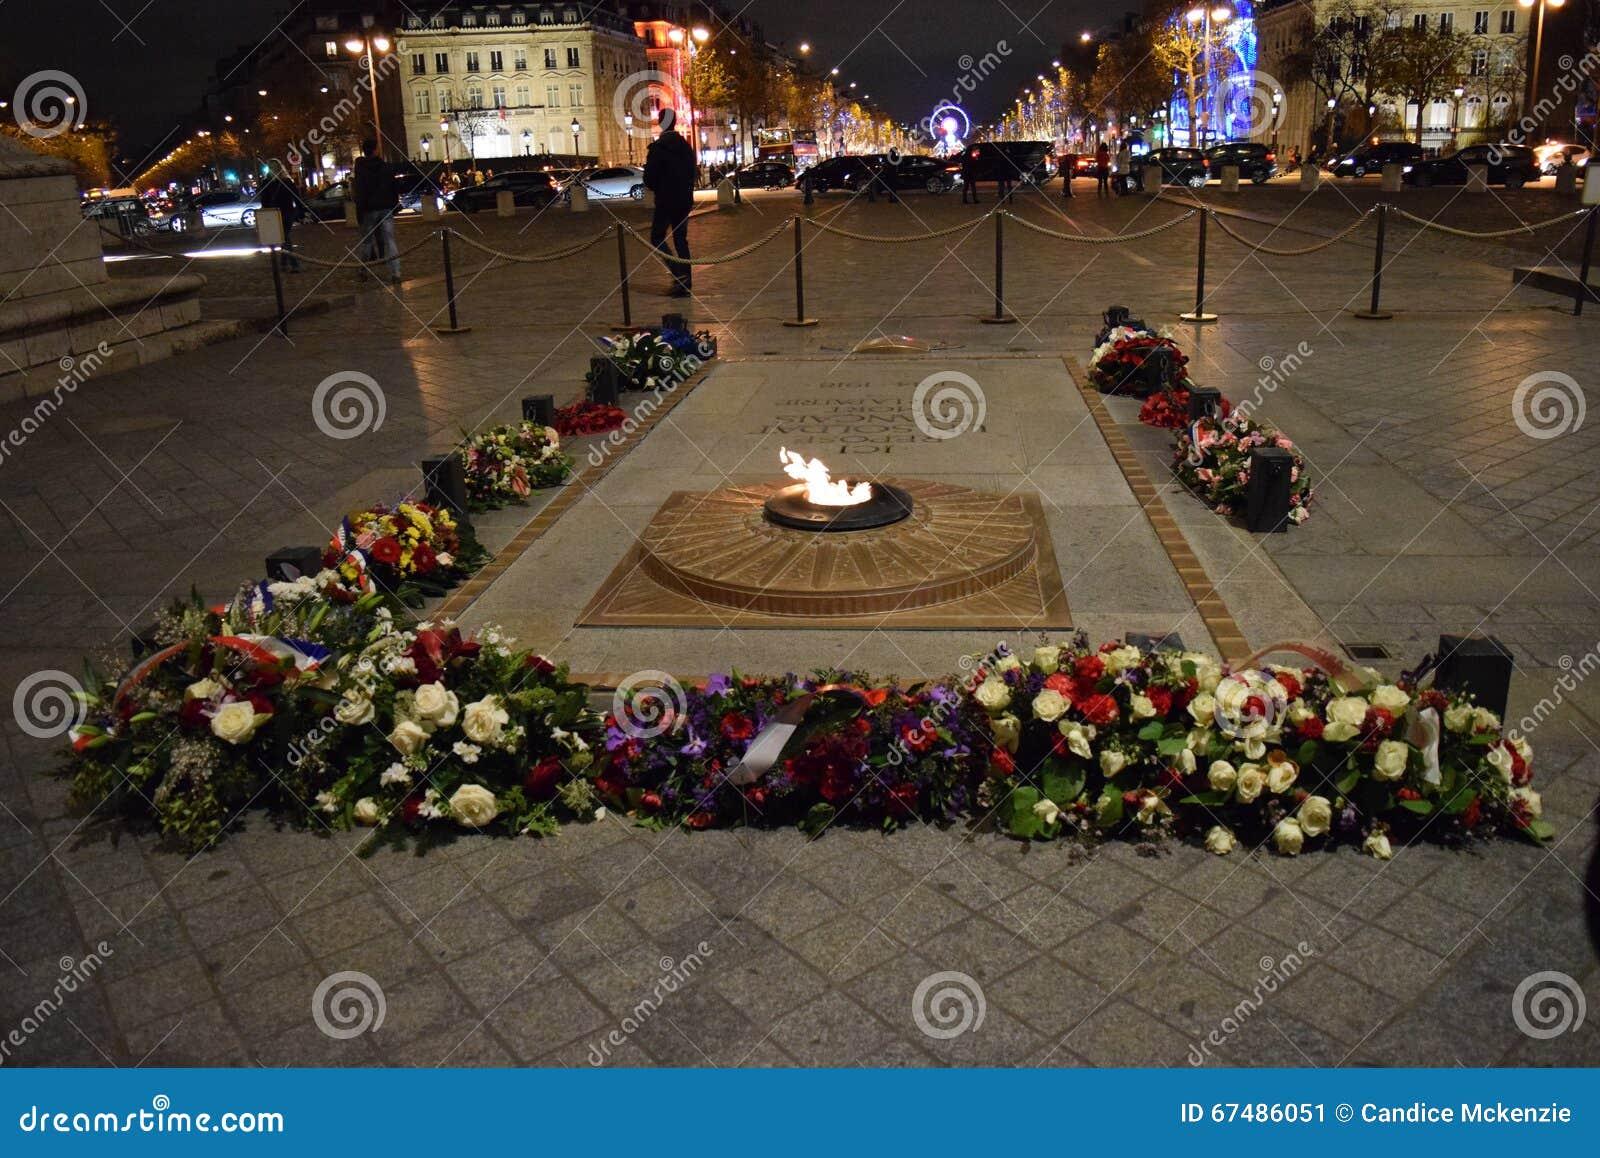 Tumba Del Soldado Desconocido Arc De Triomphe Paris Arco De